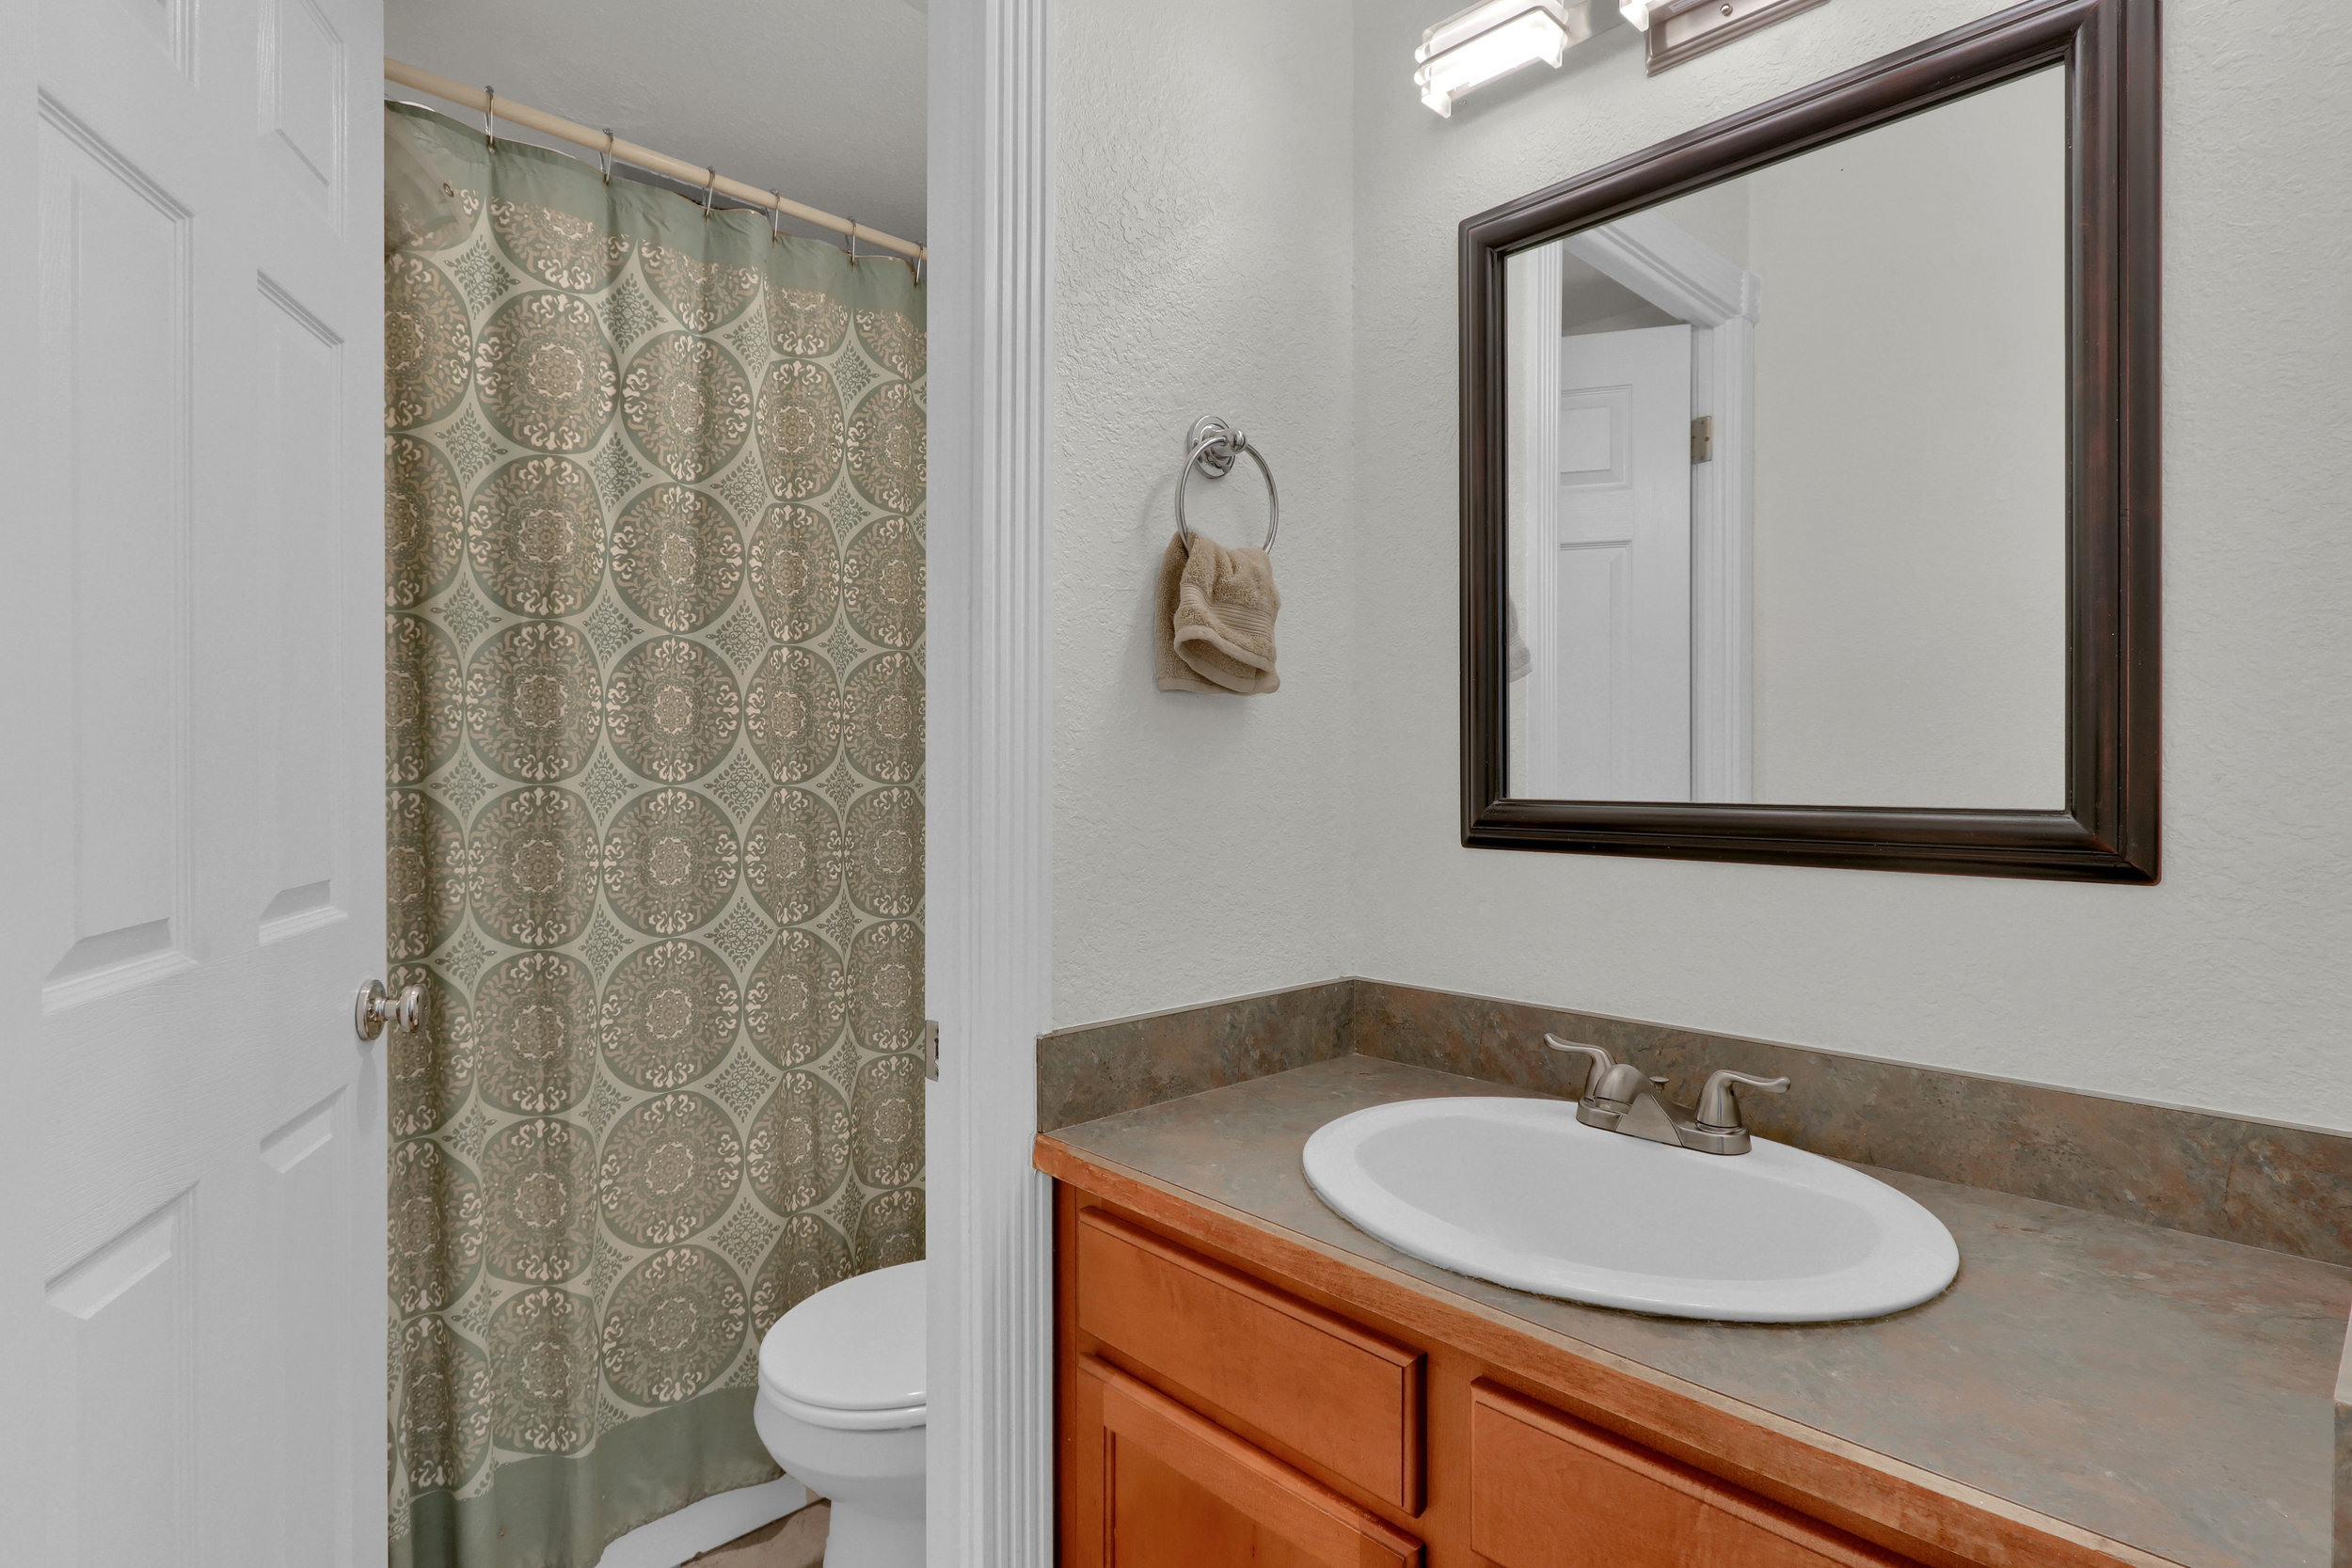 909 N Logan St Unit 3J Denver-print-012-012-Bathroom-4200x2800-300dpi.jpg